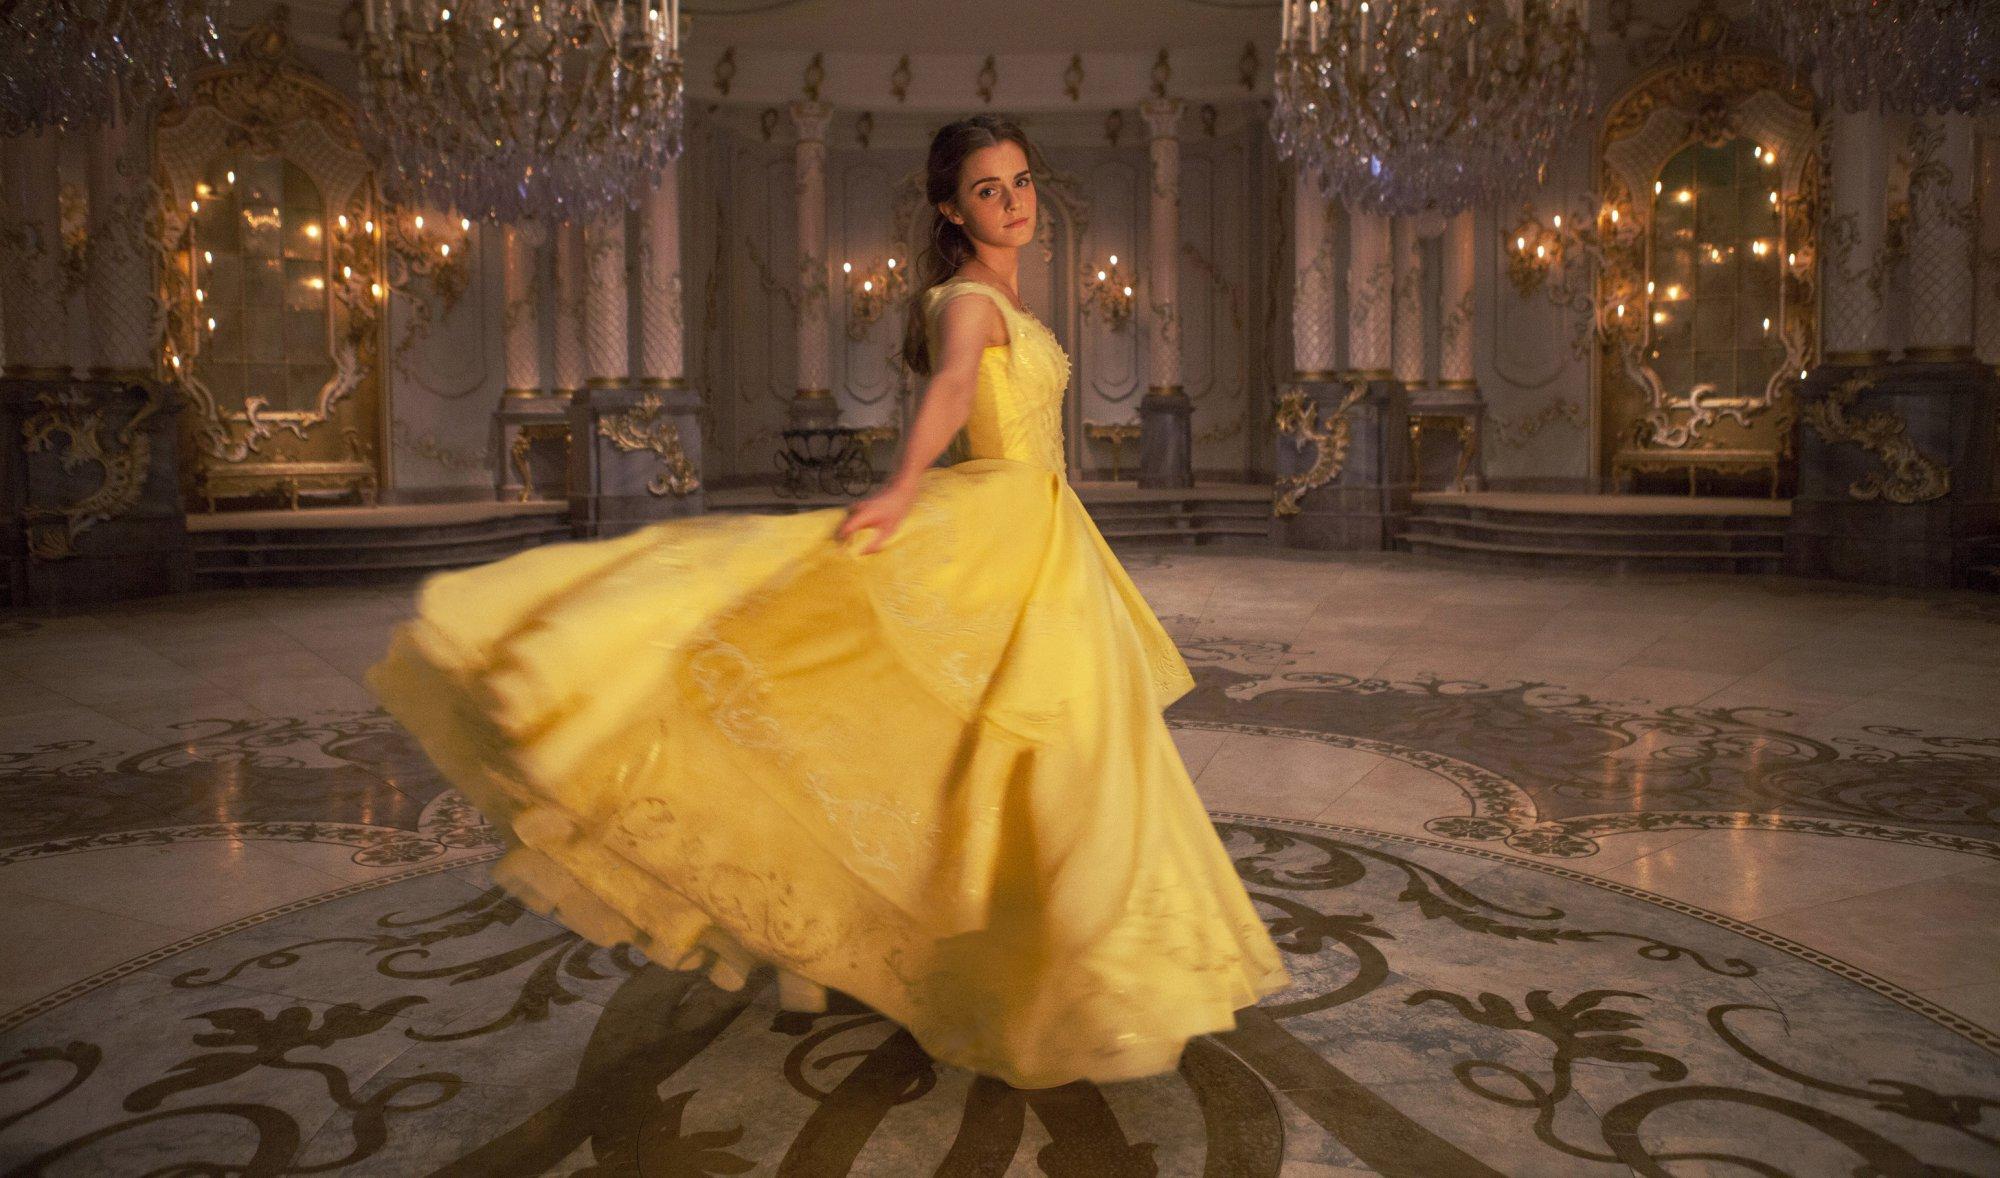 La bella e la bestia: film, trama, cast, trailer, canzoni ...